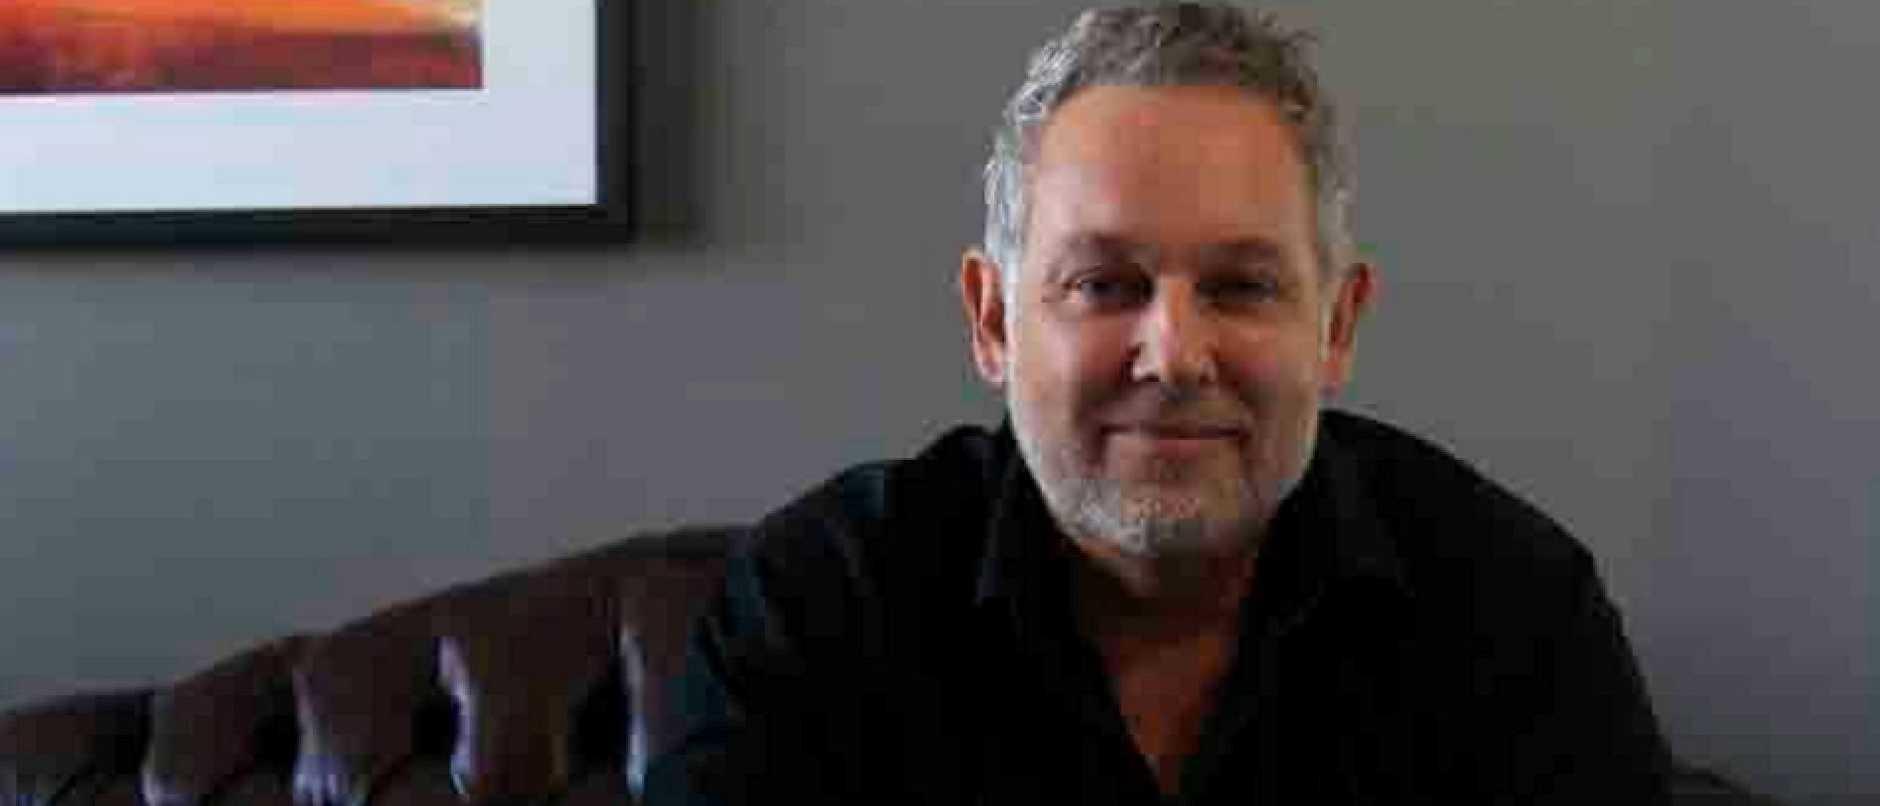 Ken Grace, Managing Director of Goldsky Asset Management. Photo: Supplied